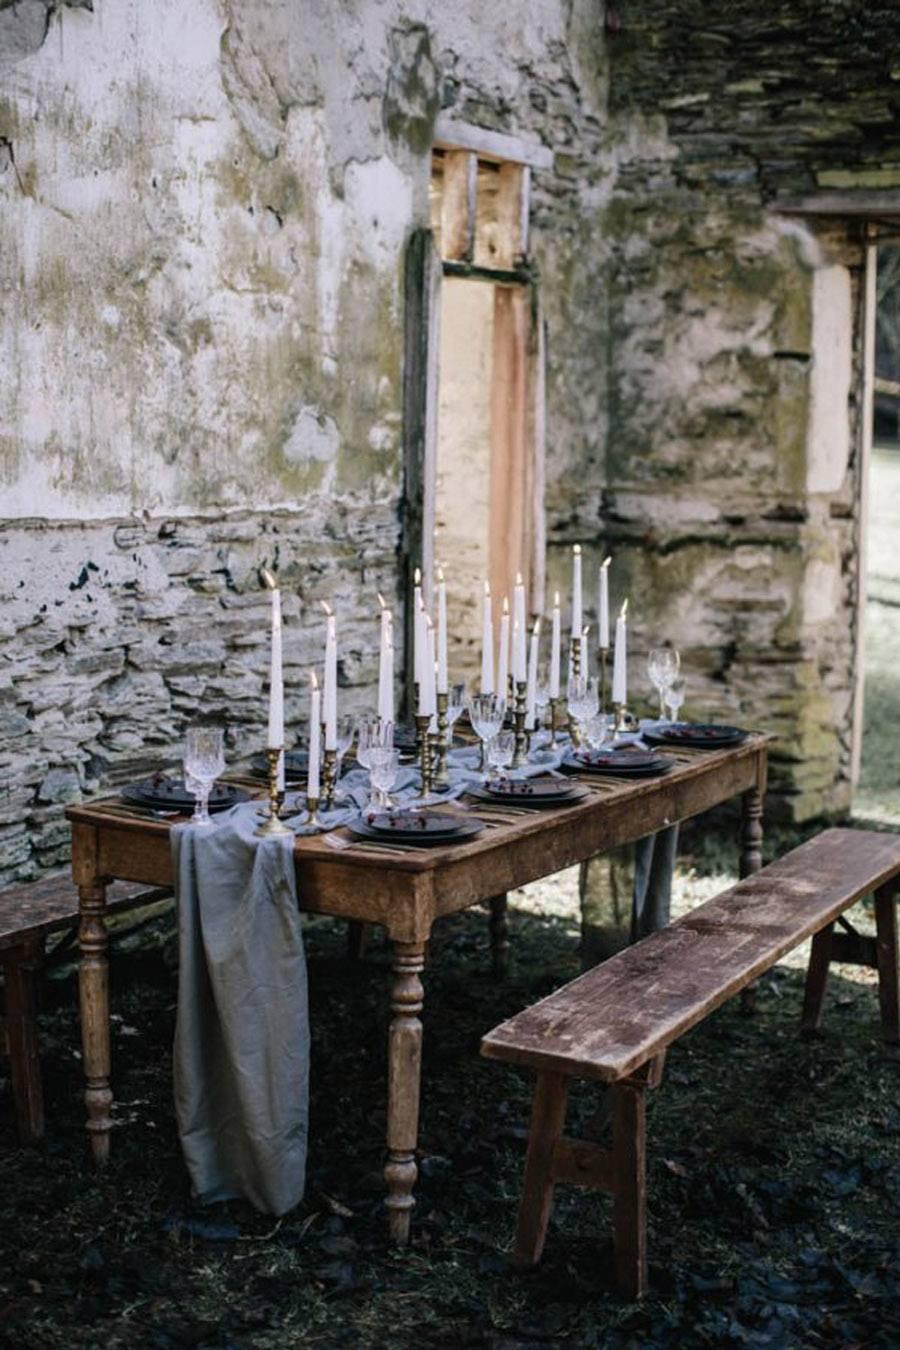 INSPIRACIÓN PARA UNA BODA DE INVIERNO boda-invierno-mesa